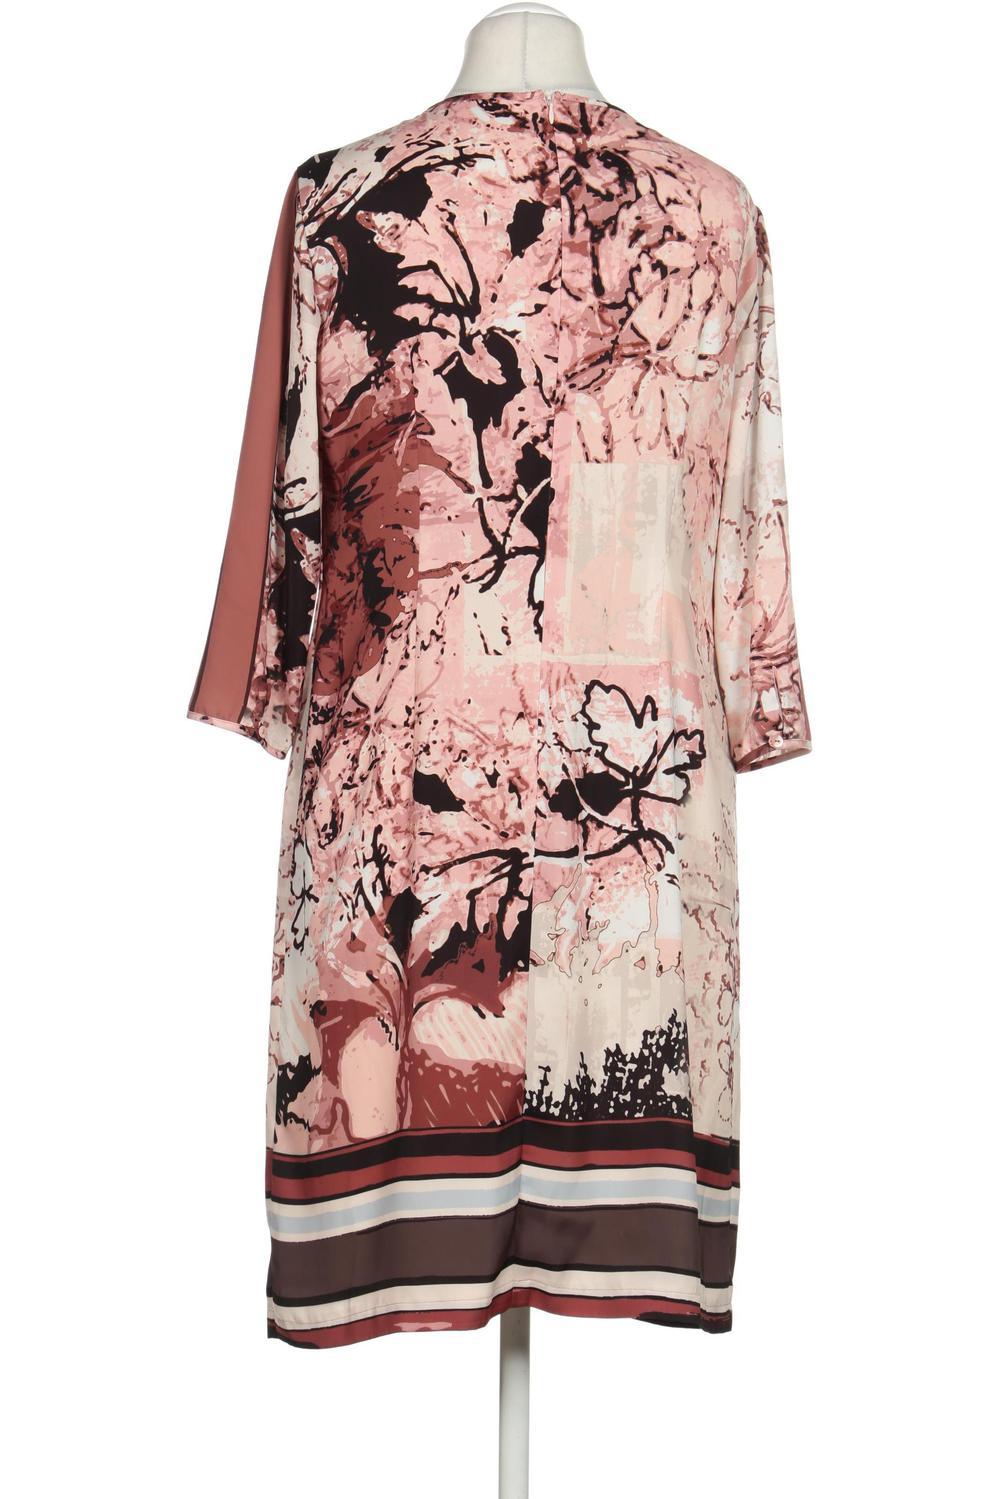 Gerry Weber Damen Kleid DE 40 Second Hand kaufen | ubup